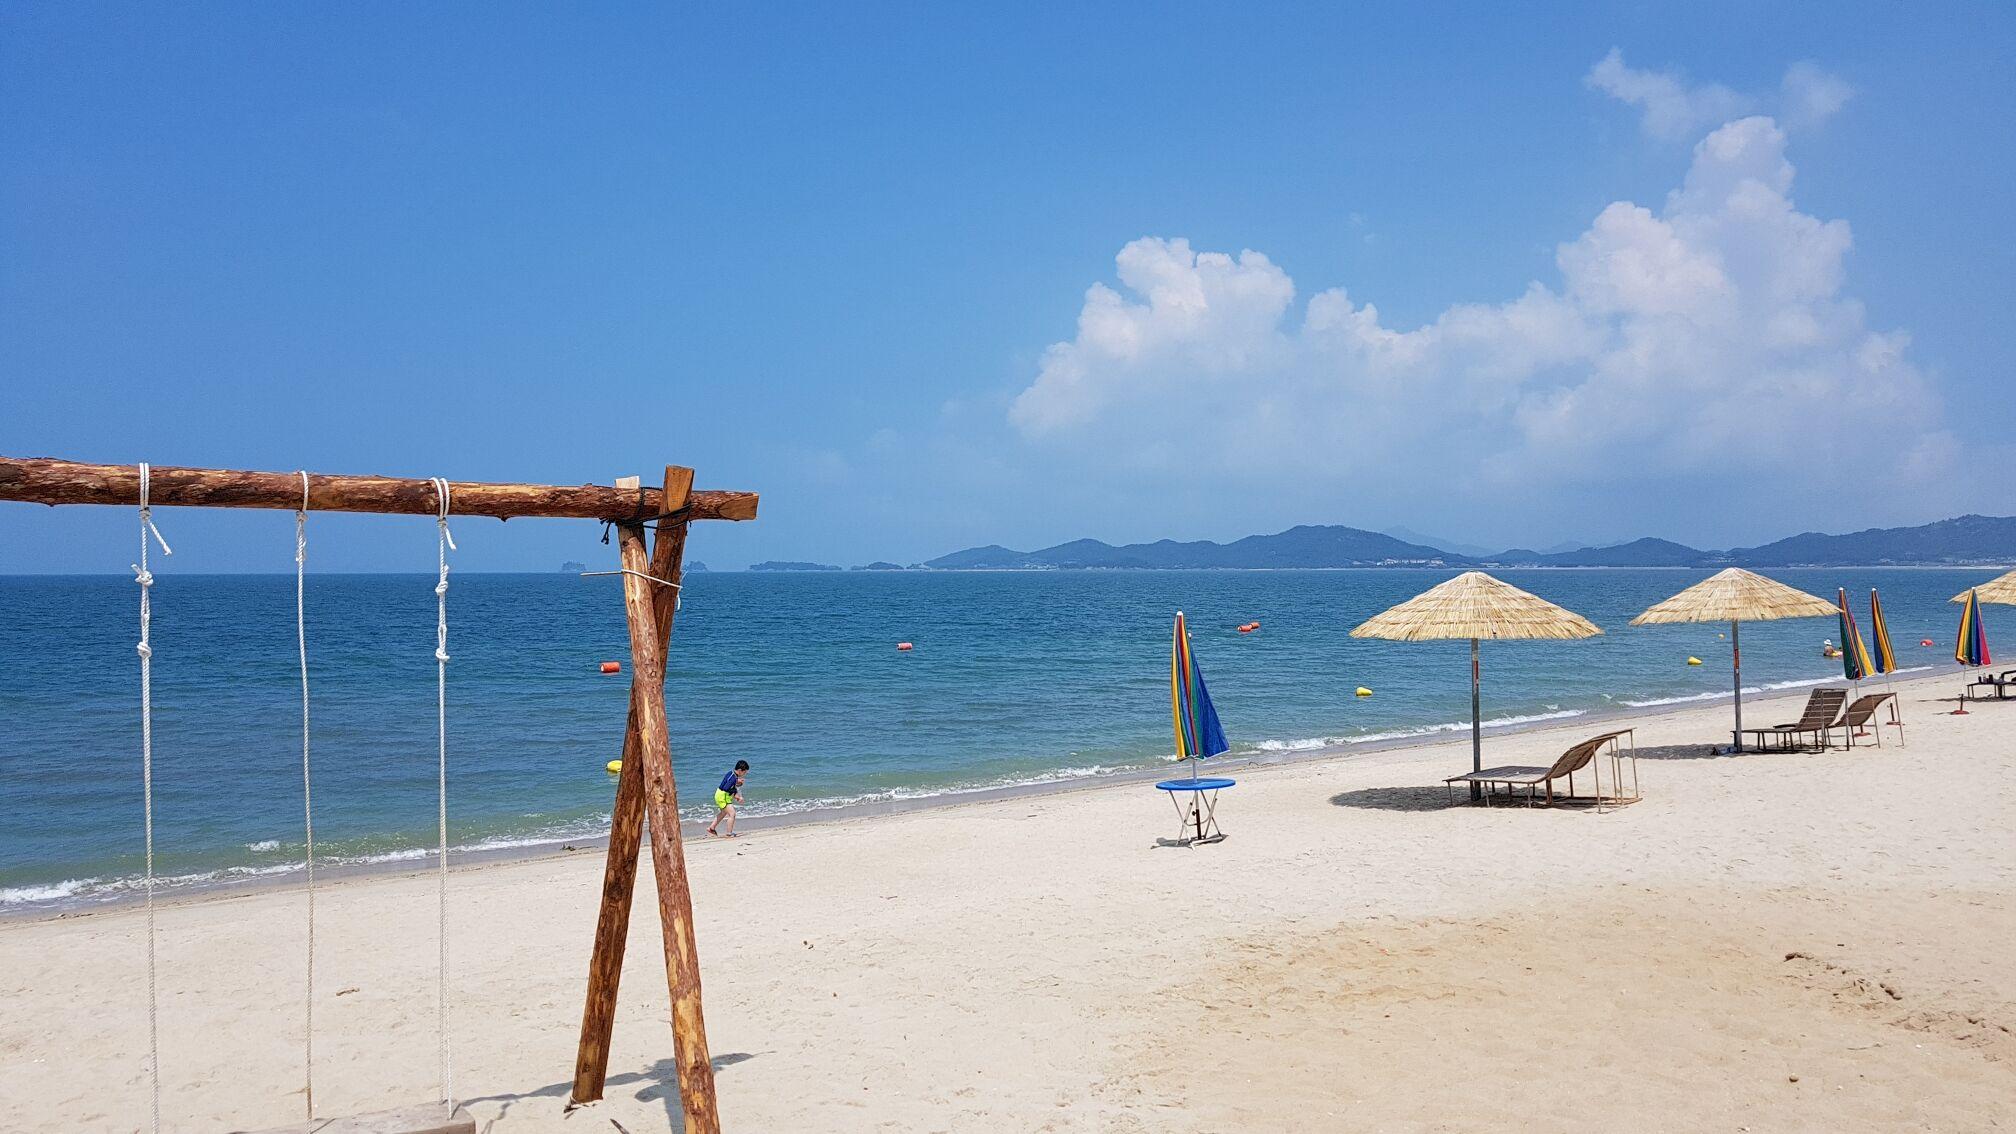 90여 개의 섬들이 수평선에 닿아 있는 모습이 인상적인 증도의 우전해수욕장